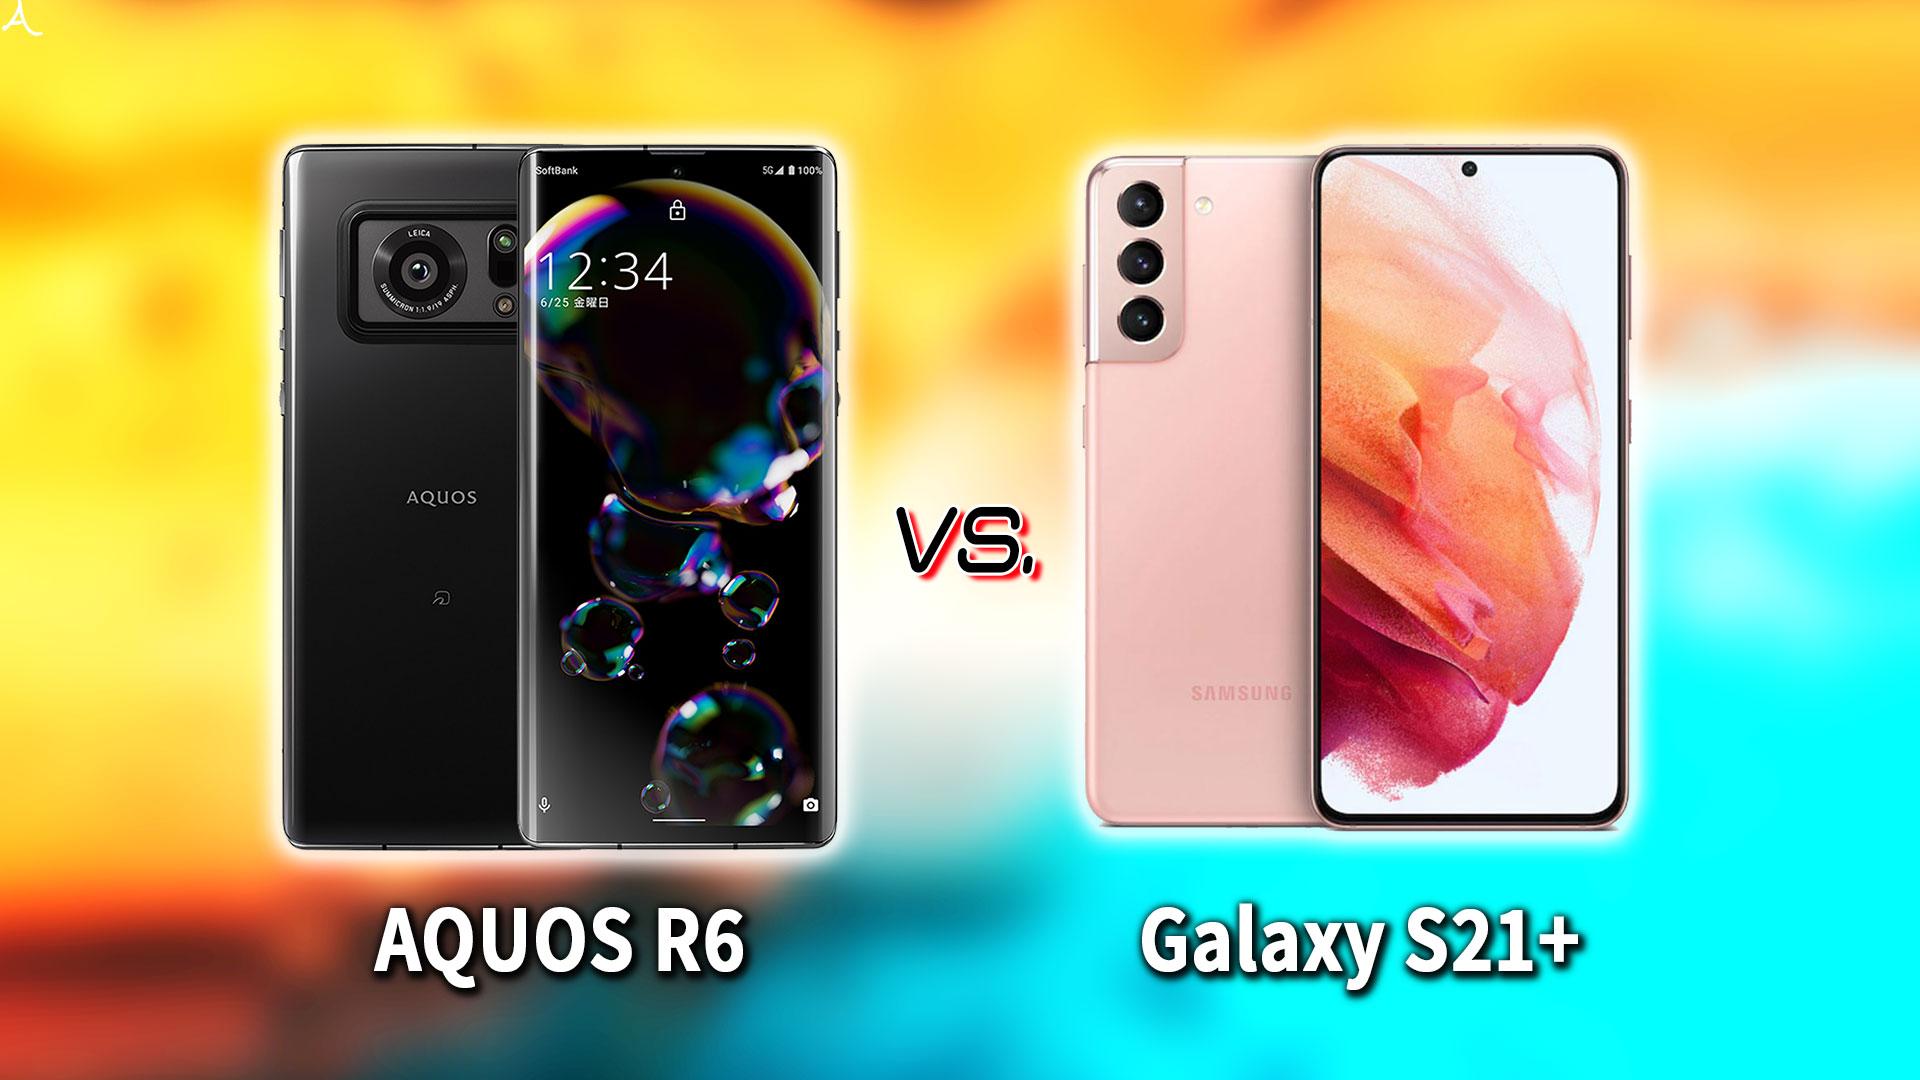 「AQUOS R6」と「Galaxy S21+(プラス)」の違いを比較:どっちを買う?